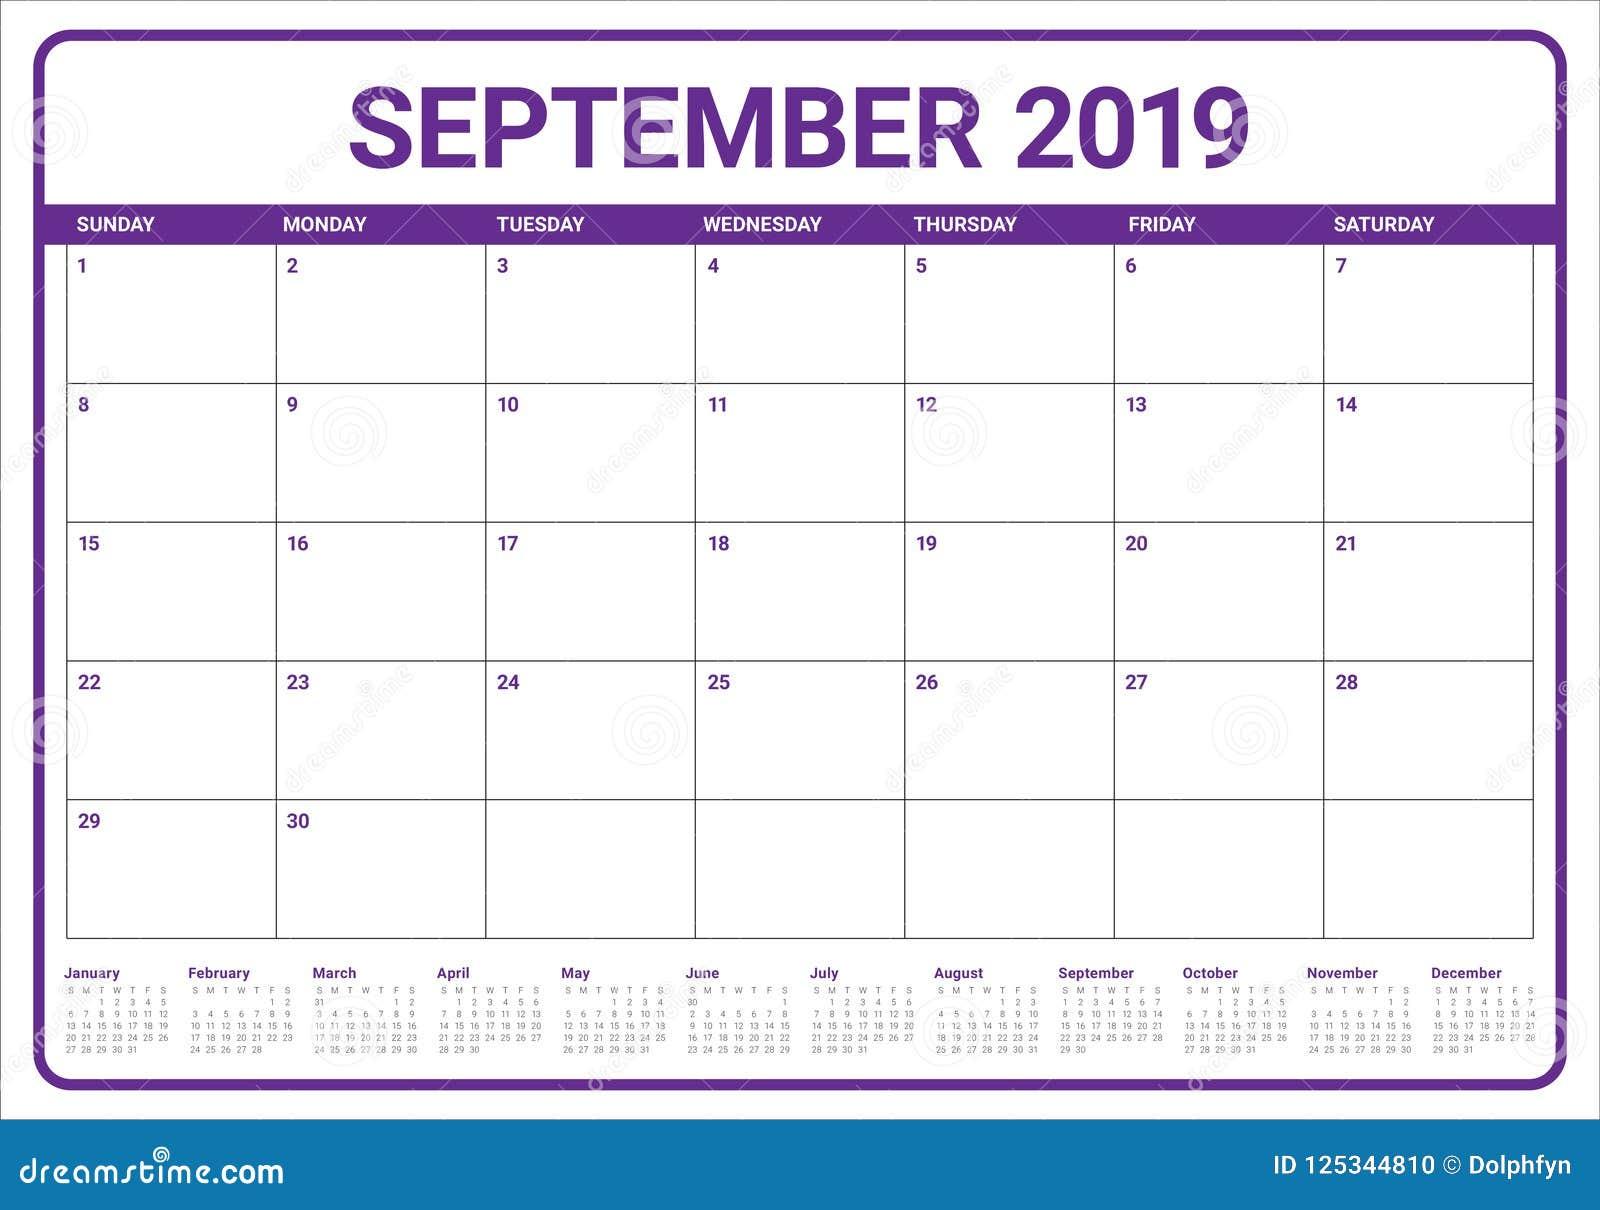 Calendar Planner September 2019.September 2019 Desk Calendar Vector Illustration Stock Vector